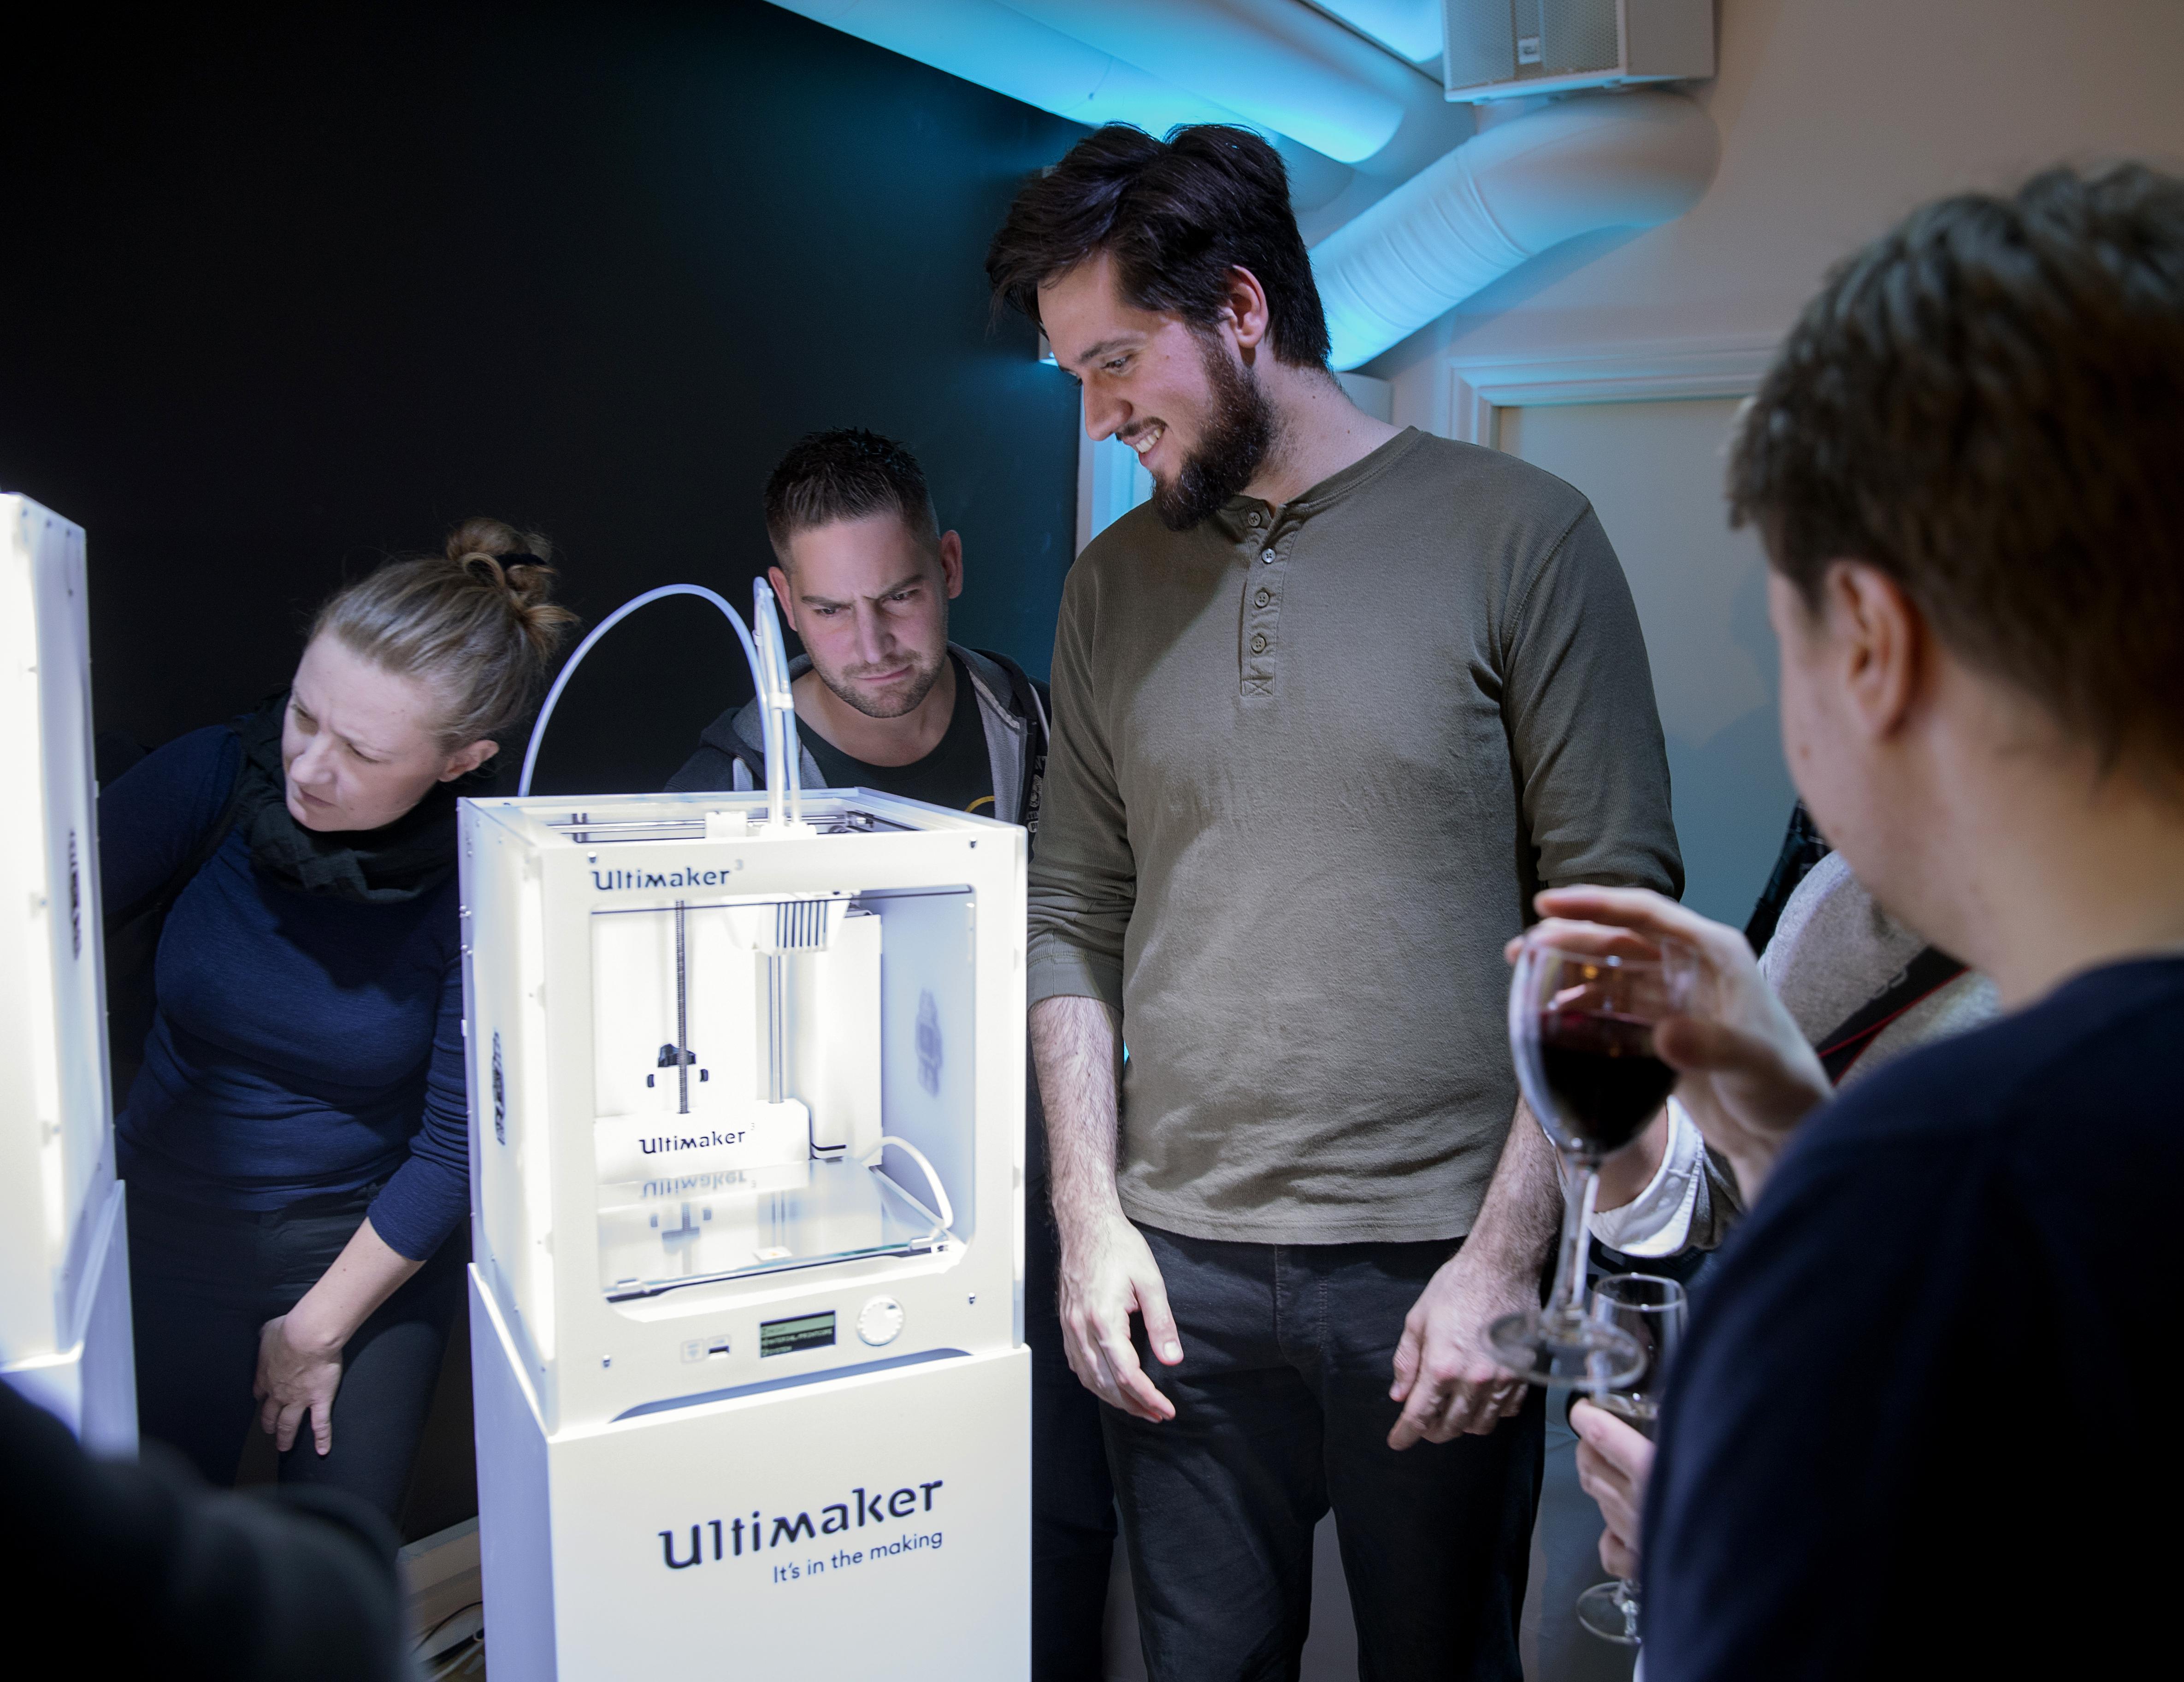 Nyfikna besökare från industri, tekniska universitet och arkitektkontor minglade och såg närmare på de nya modellerna. FOTO: Stefan Jerrevång